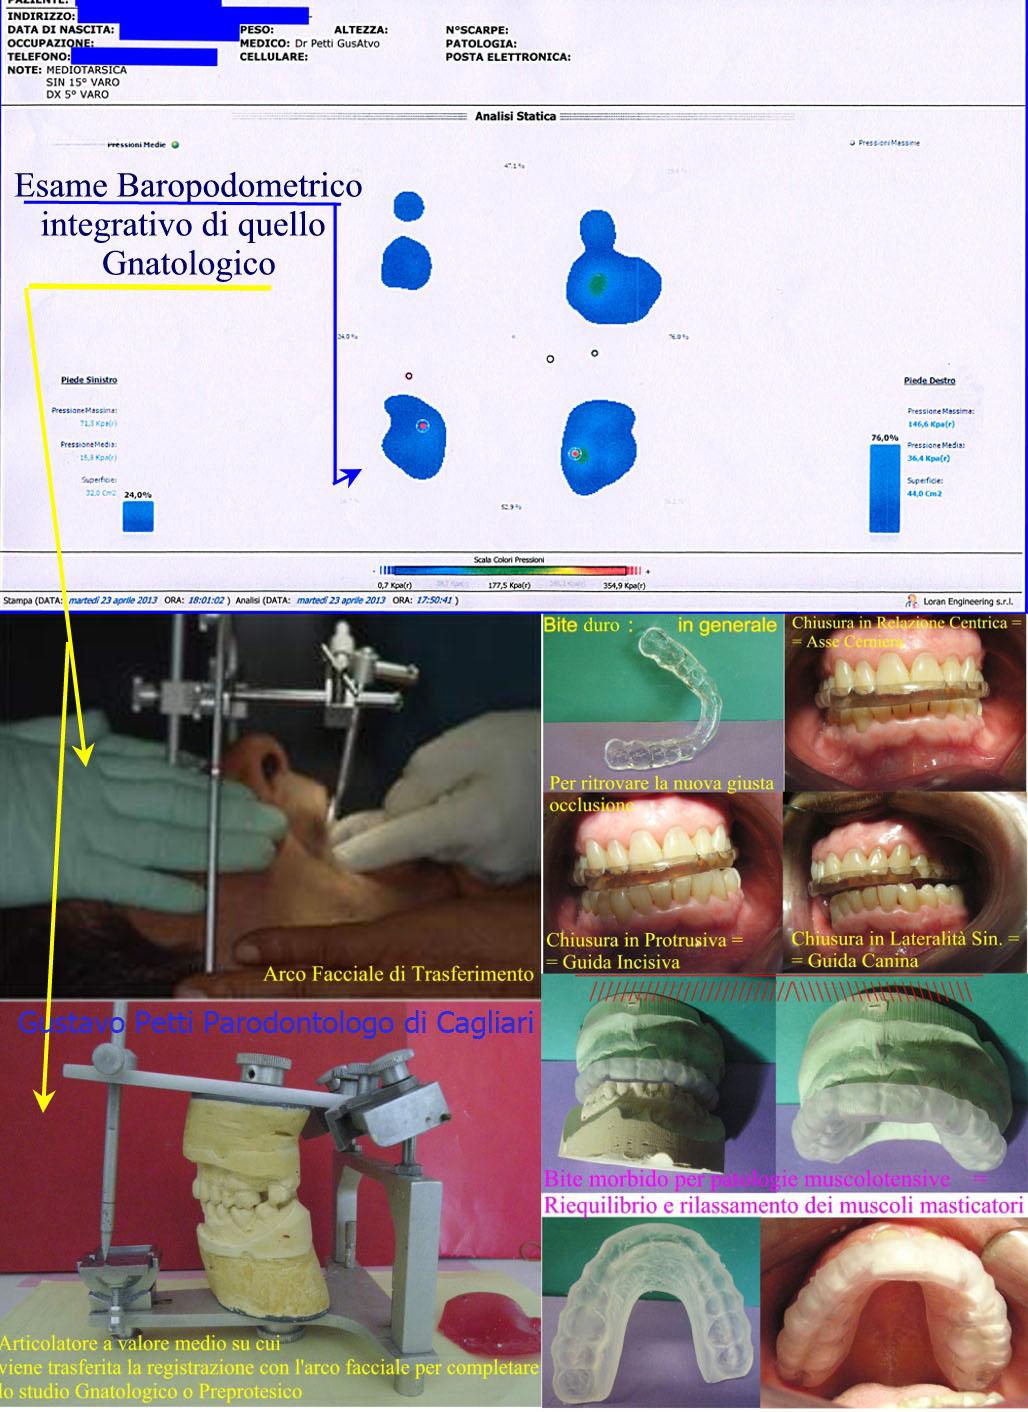 analisi-gnatologica-dr-g.petti-cagliari-274.jpg